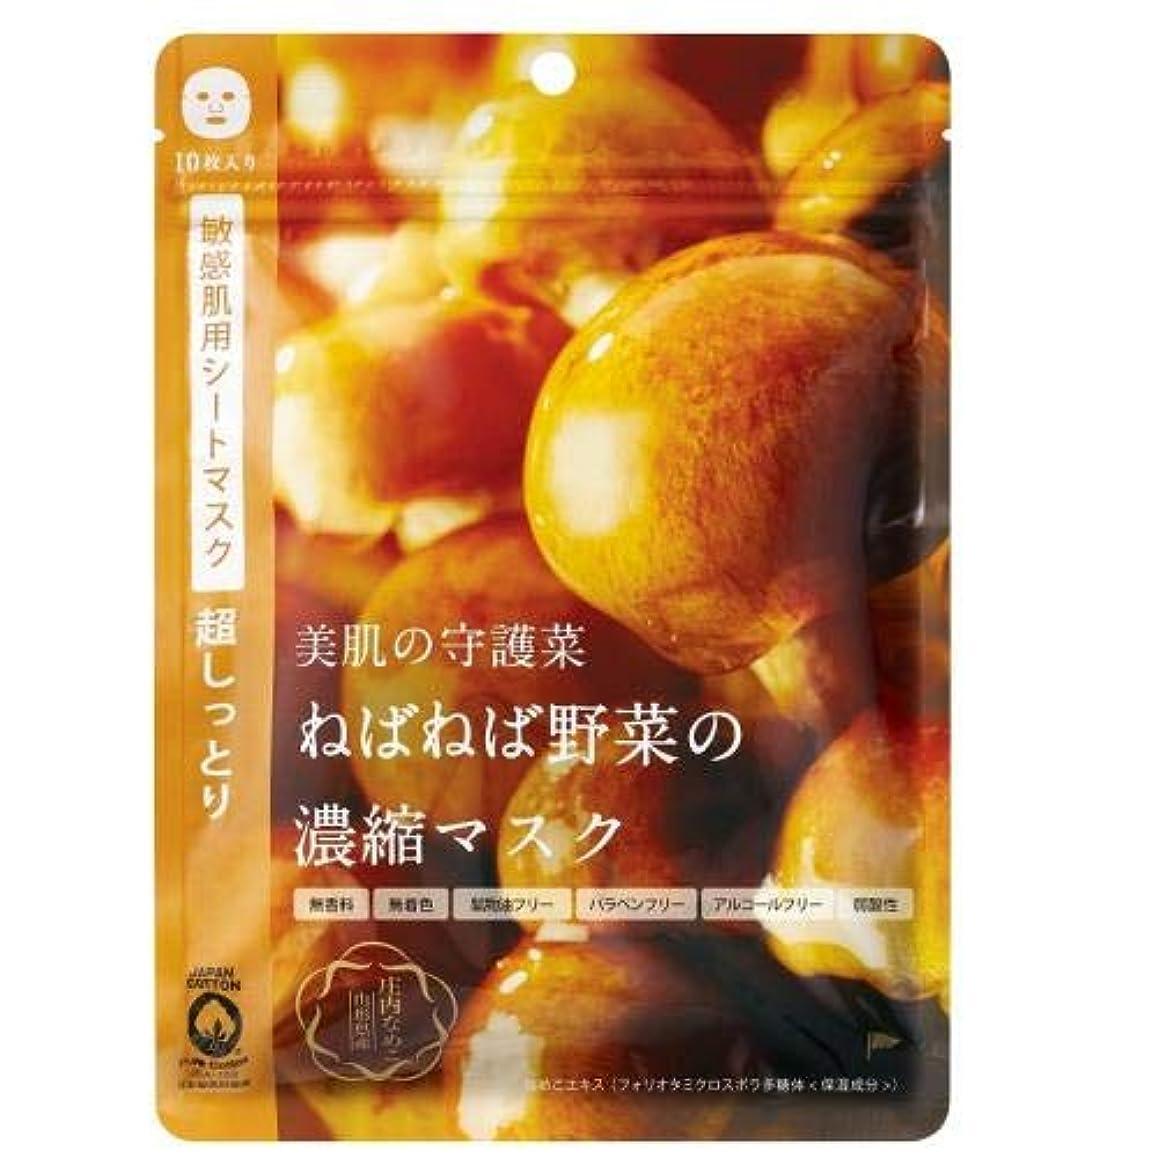 に付けるに渡ってランチアイメーカーズ @cosme nippon (アットコスメニッポン) 美肌の守護菜 ねばねば野菜の濃縮マスク 庄内なめこ 10枚 3個セット